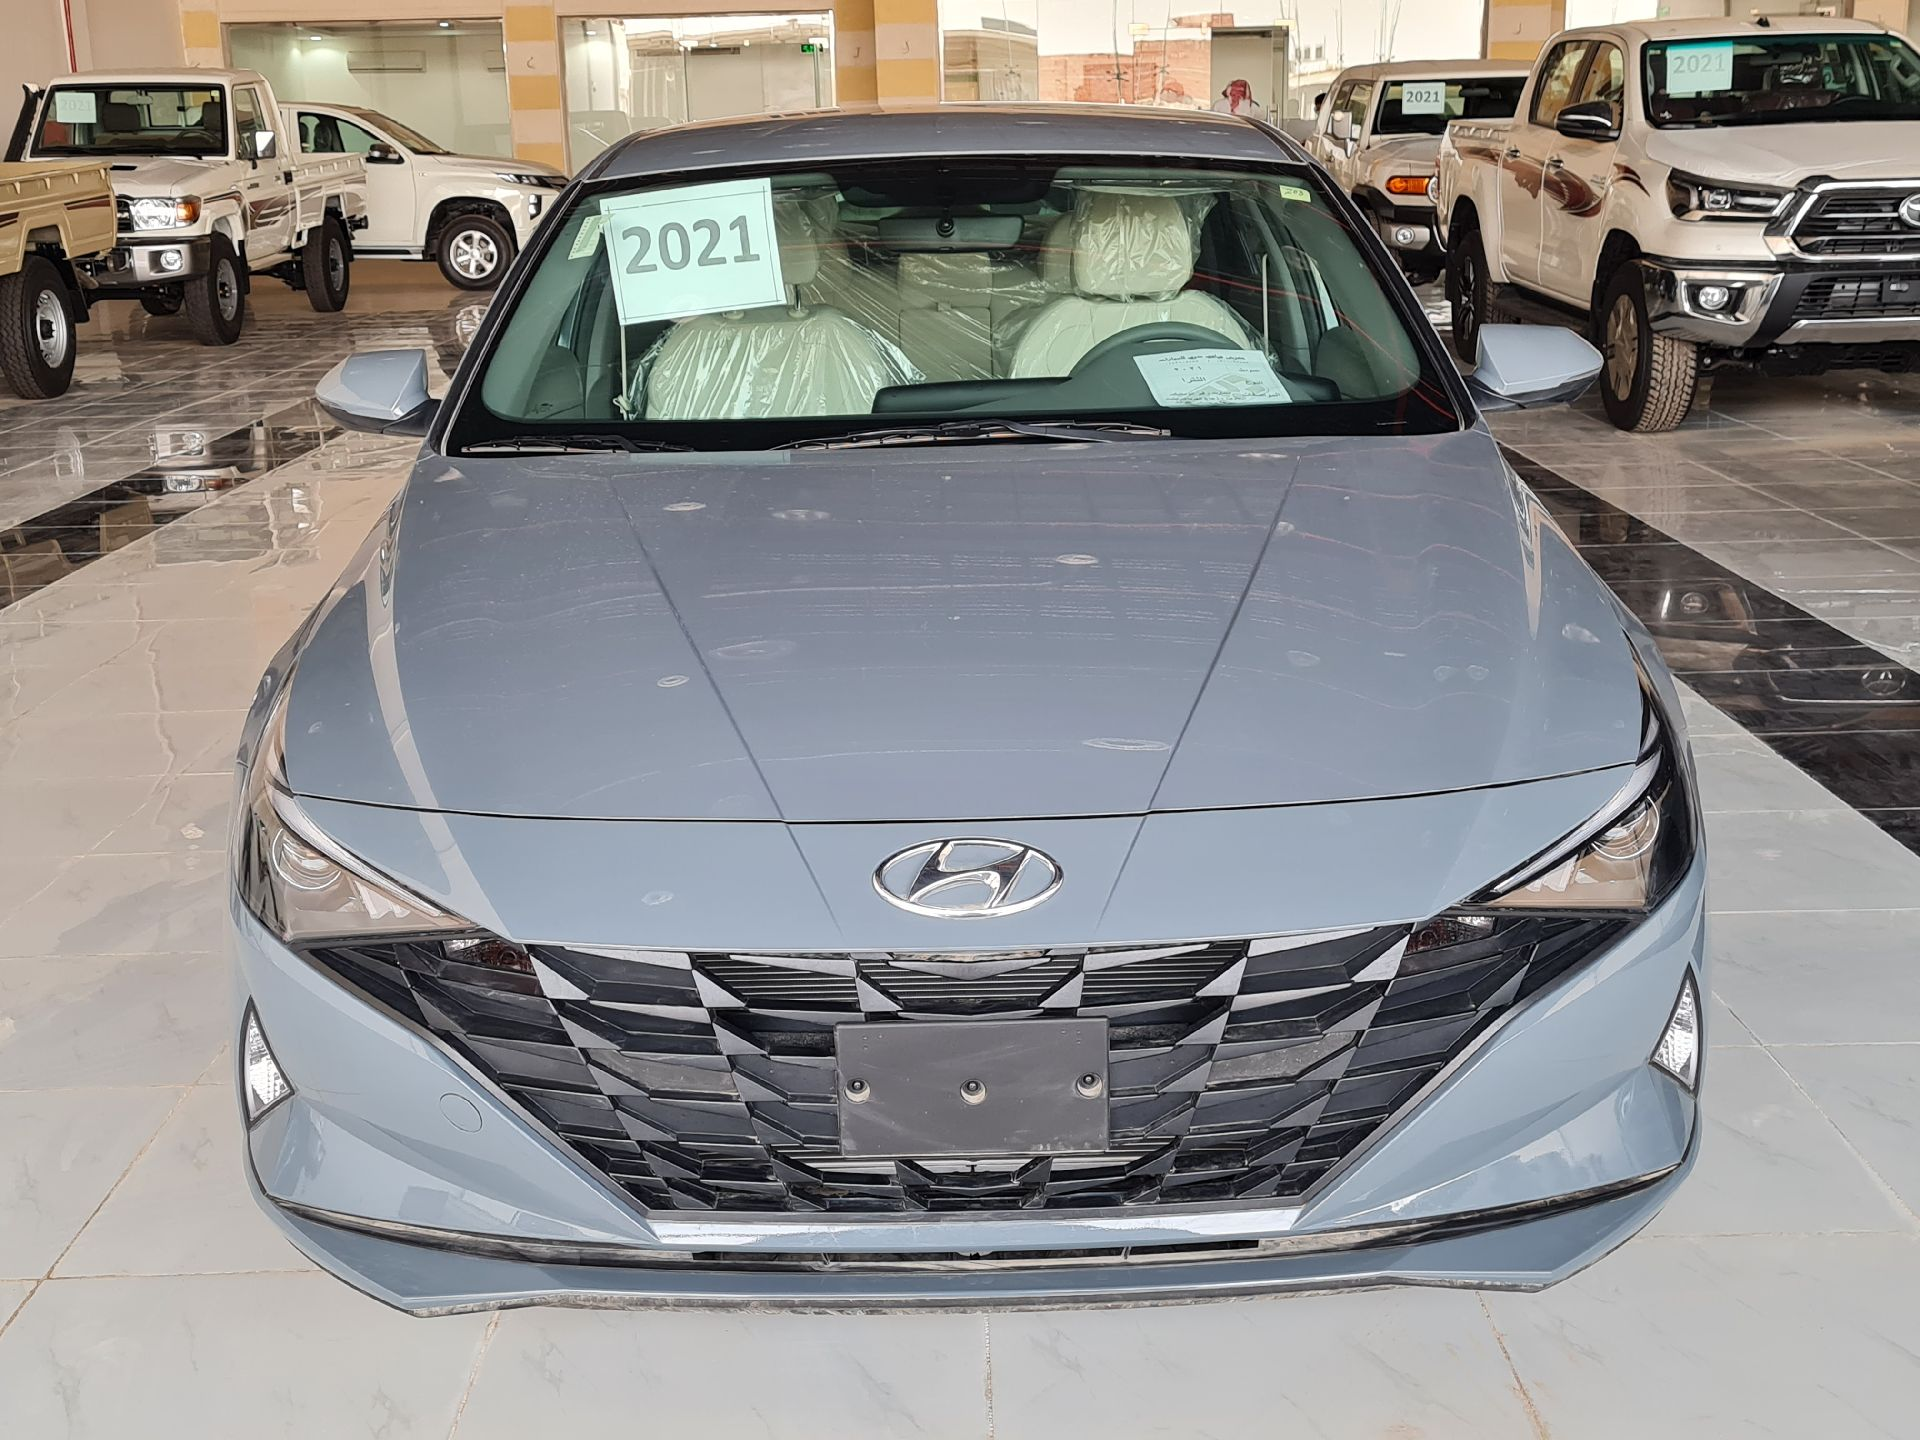 هونداي النترا Smart ستاندر 2021 سعودي جديد للبيع في الرياض - السعودية - صورة كبيرة - 5